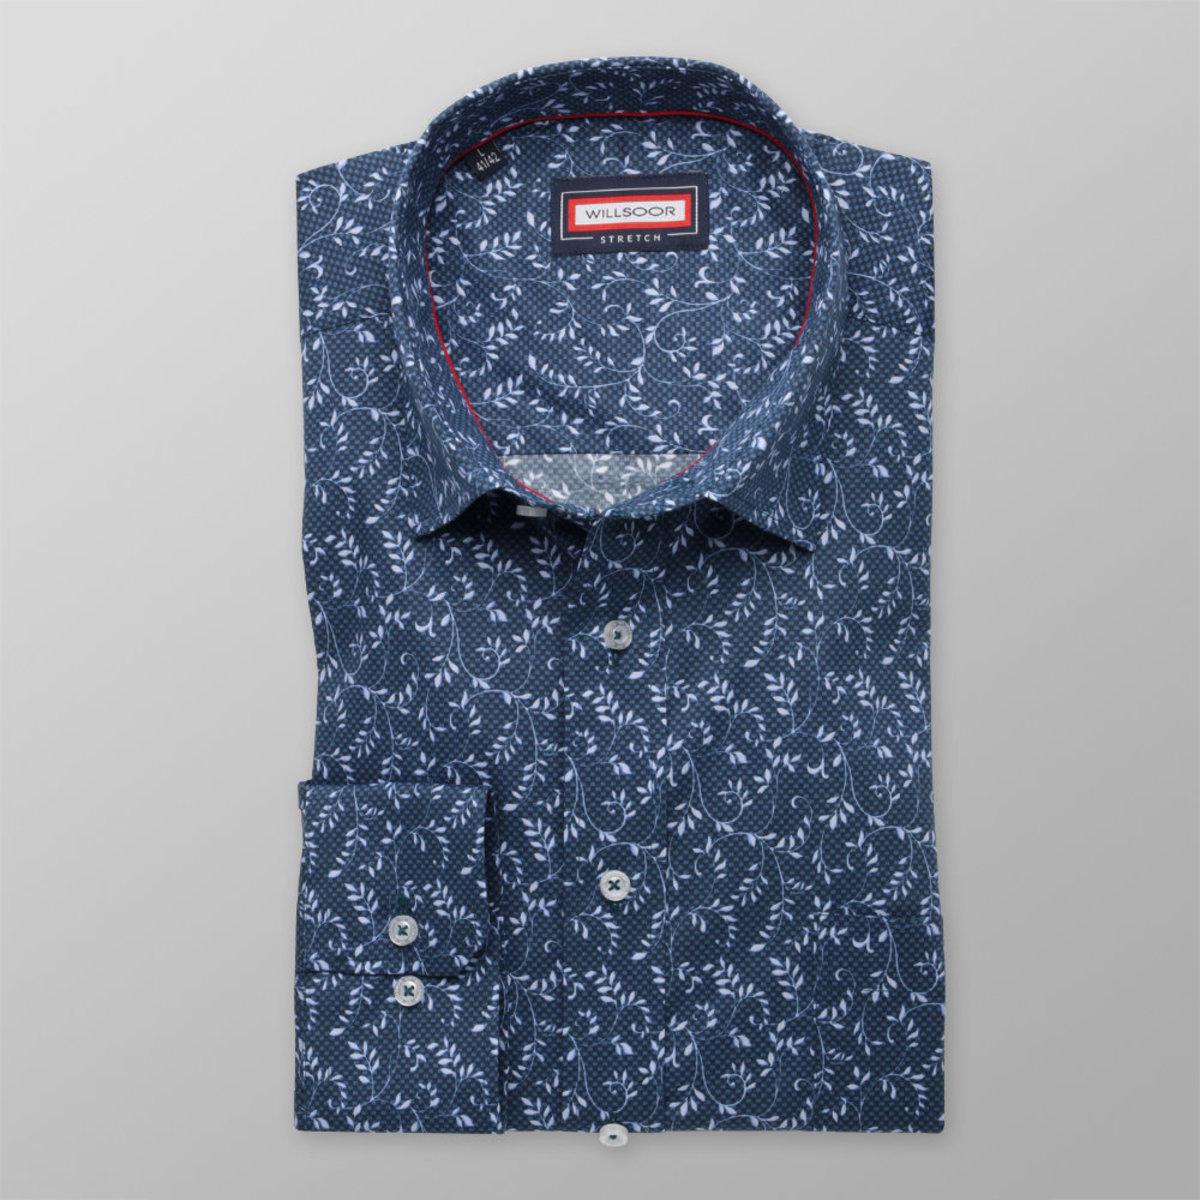 Pánská klasická košile (výška 176-182) 8355 ve tmavě modré barvě 176-182 / XL (43/44)